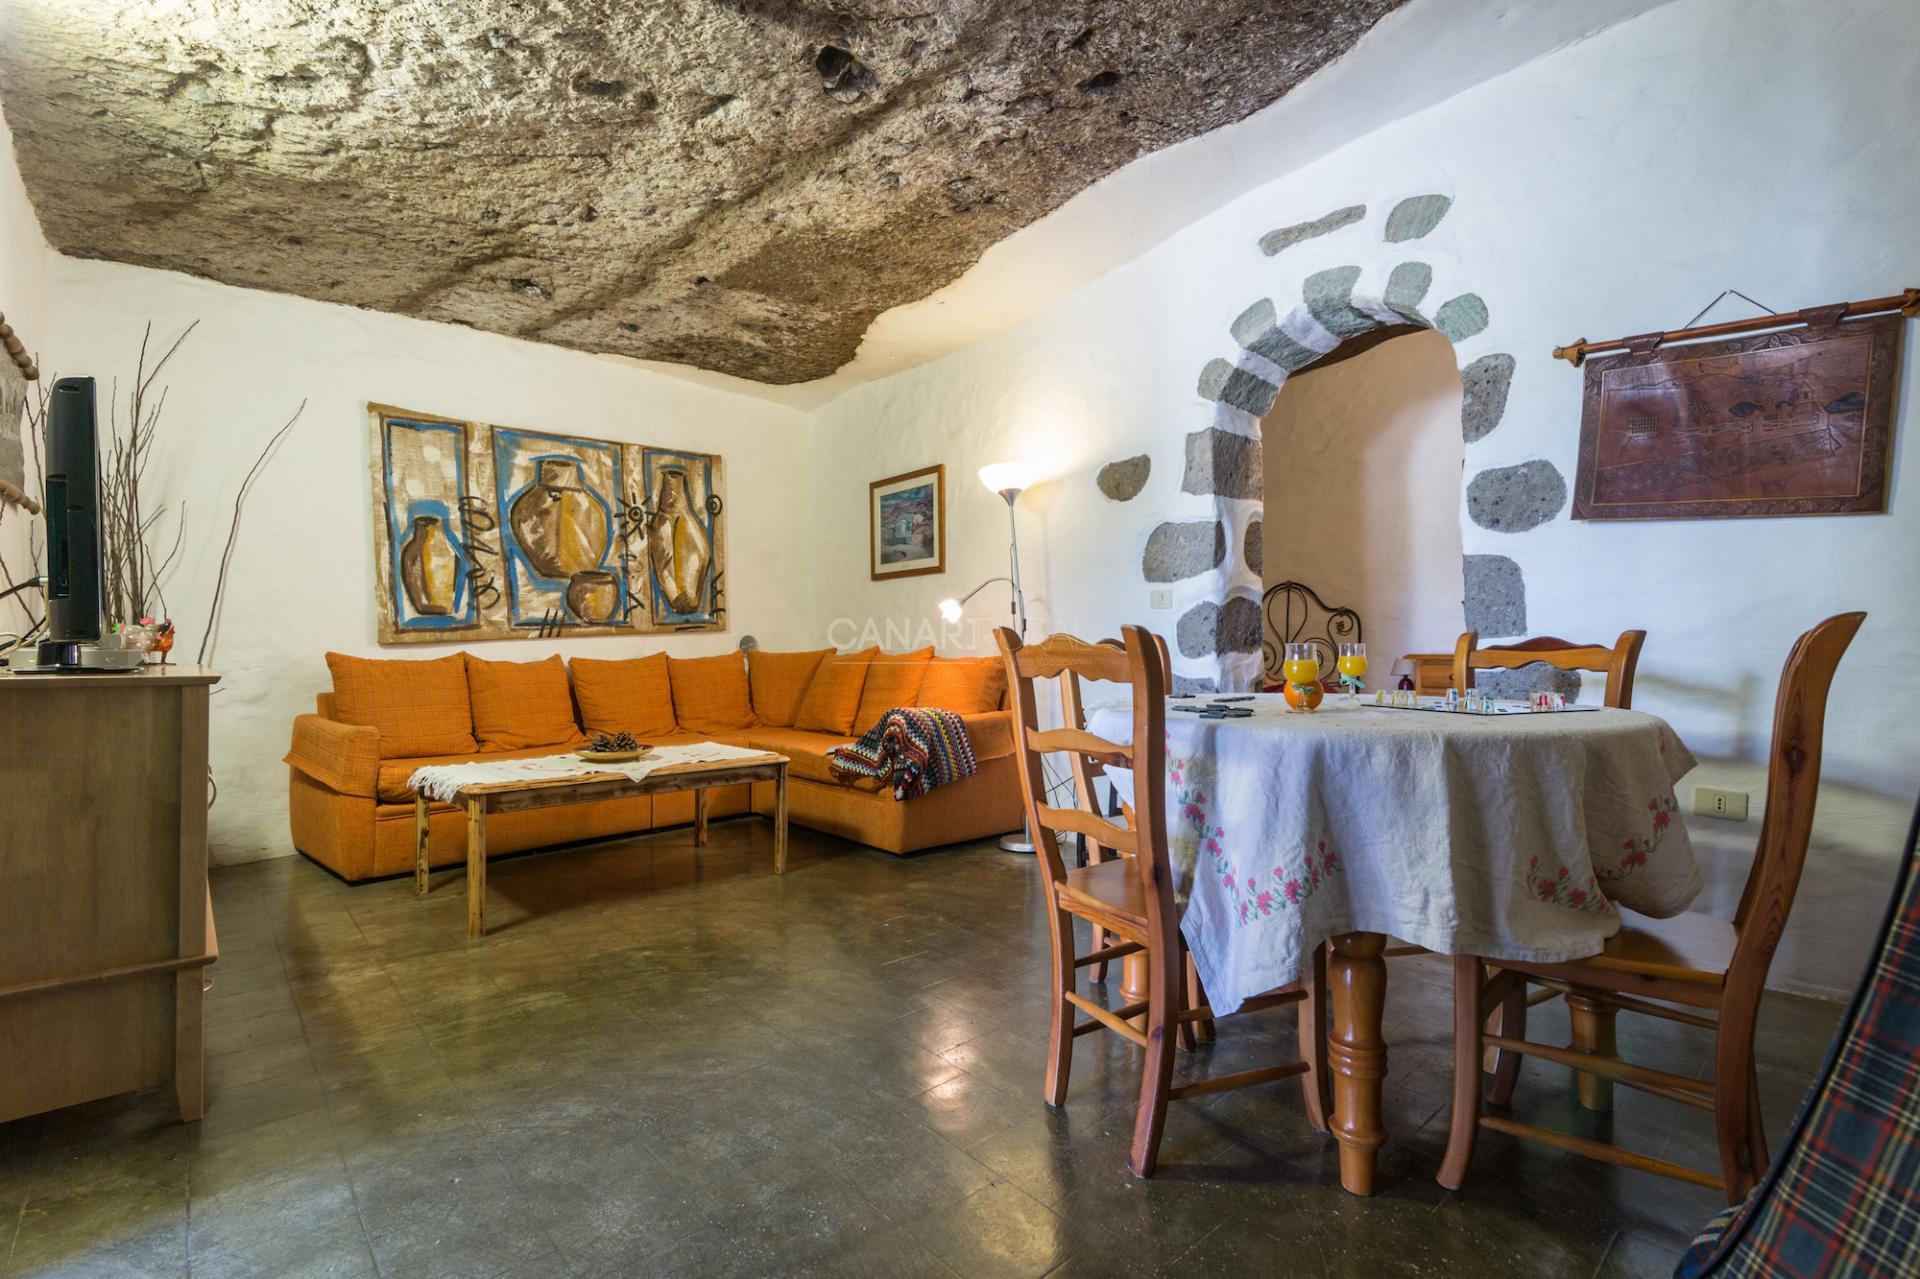 Casa Cueva El Caidero Casas Rurales En Gran Canaria Artenara # Muebles Ojeda Fuerteventura